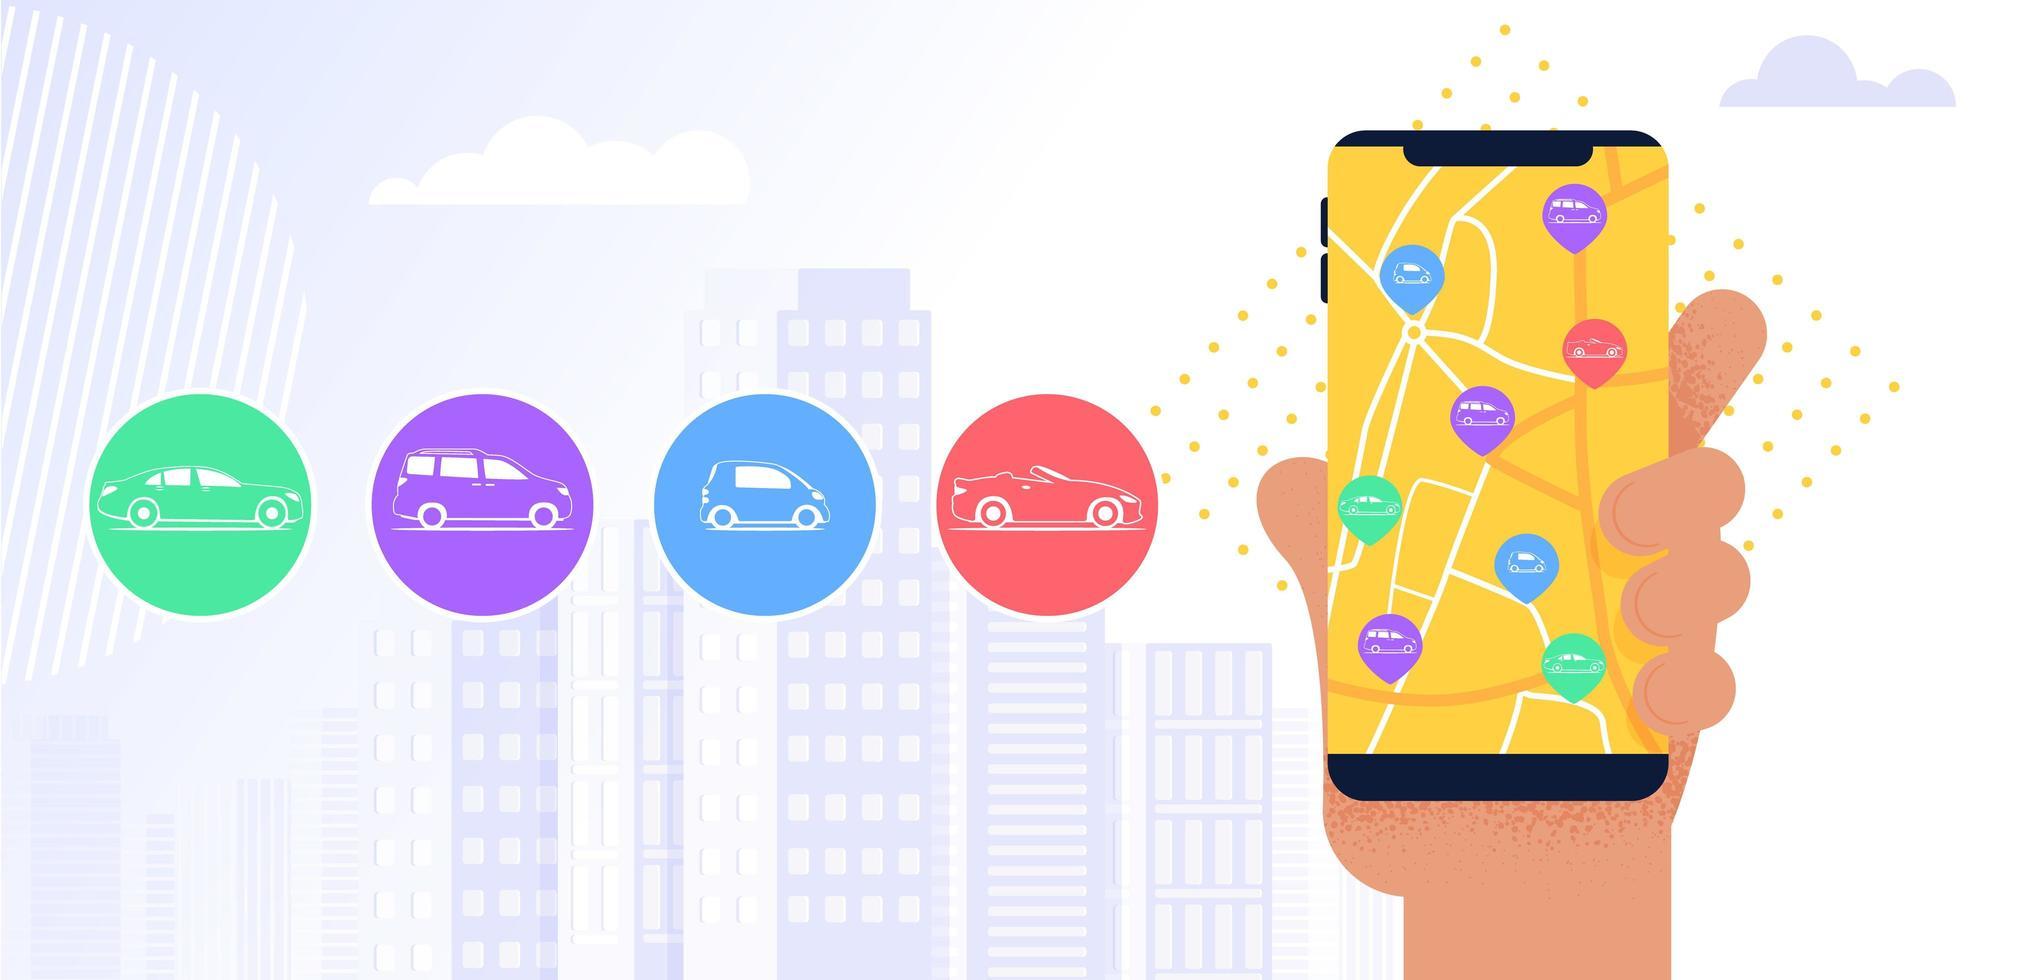 aplicación móvil del servicio carsharing vector